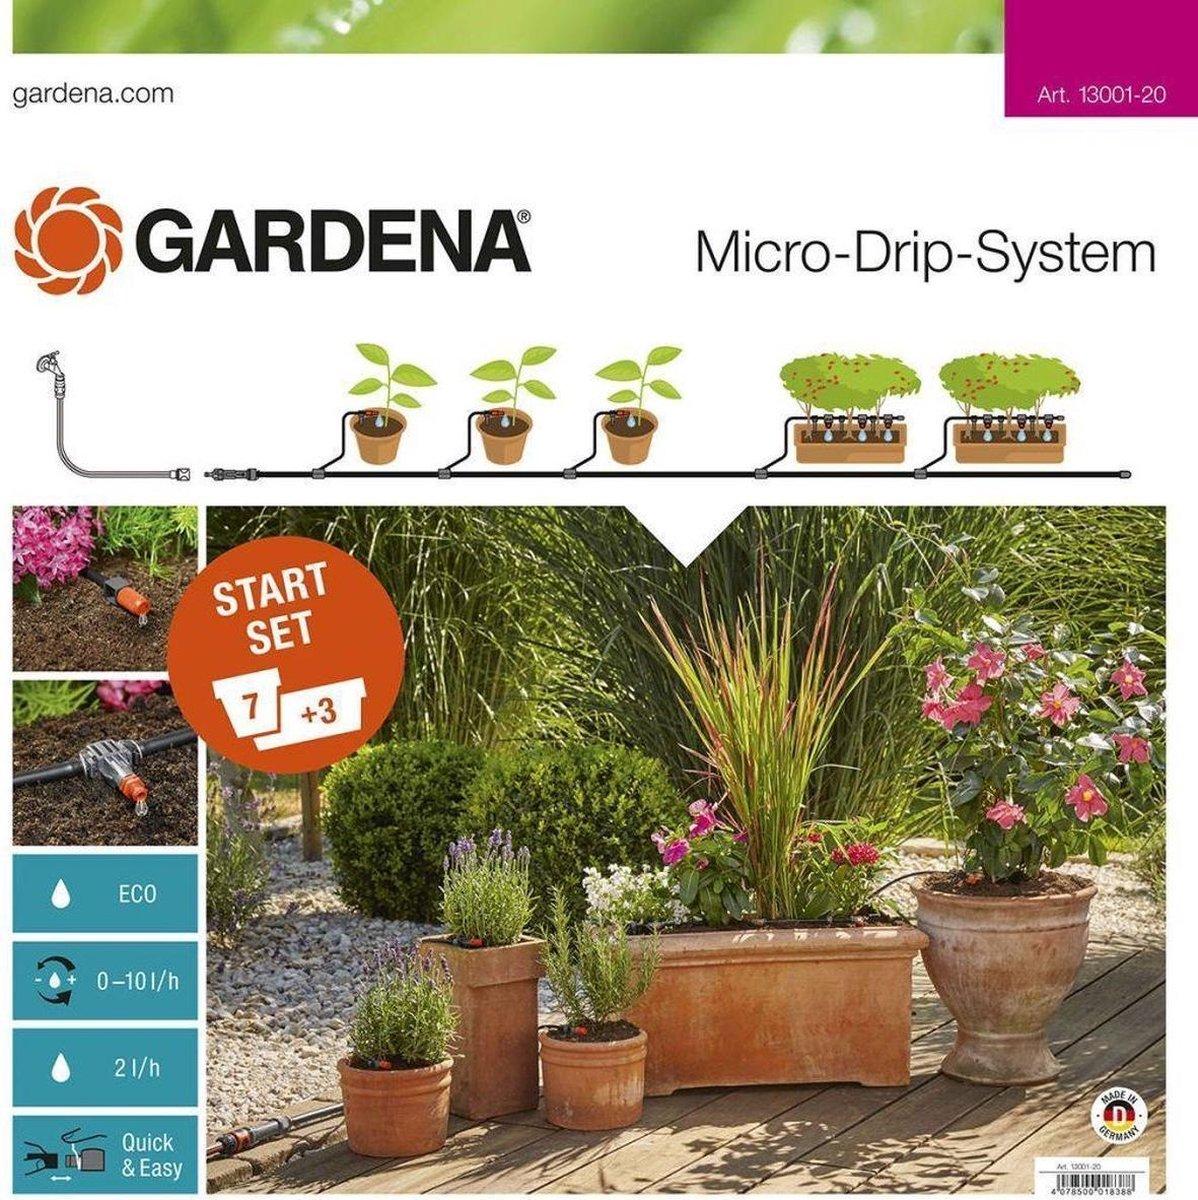 GARDENA Micro Drip System Startset Bloempotten Druppelsysteem - Geschikt Voor 7 Bloempotten - 3 Bloe